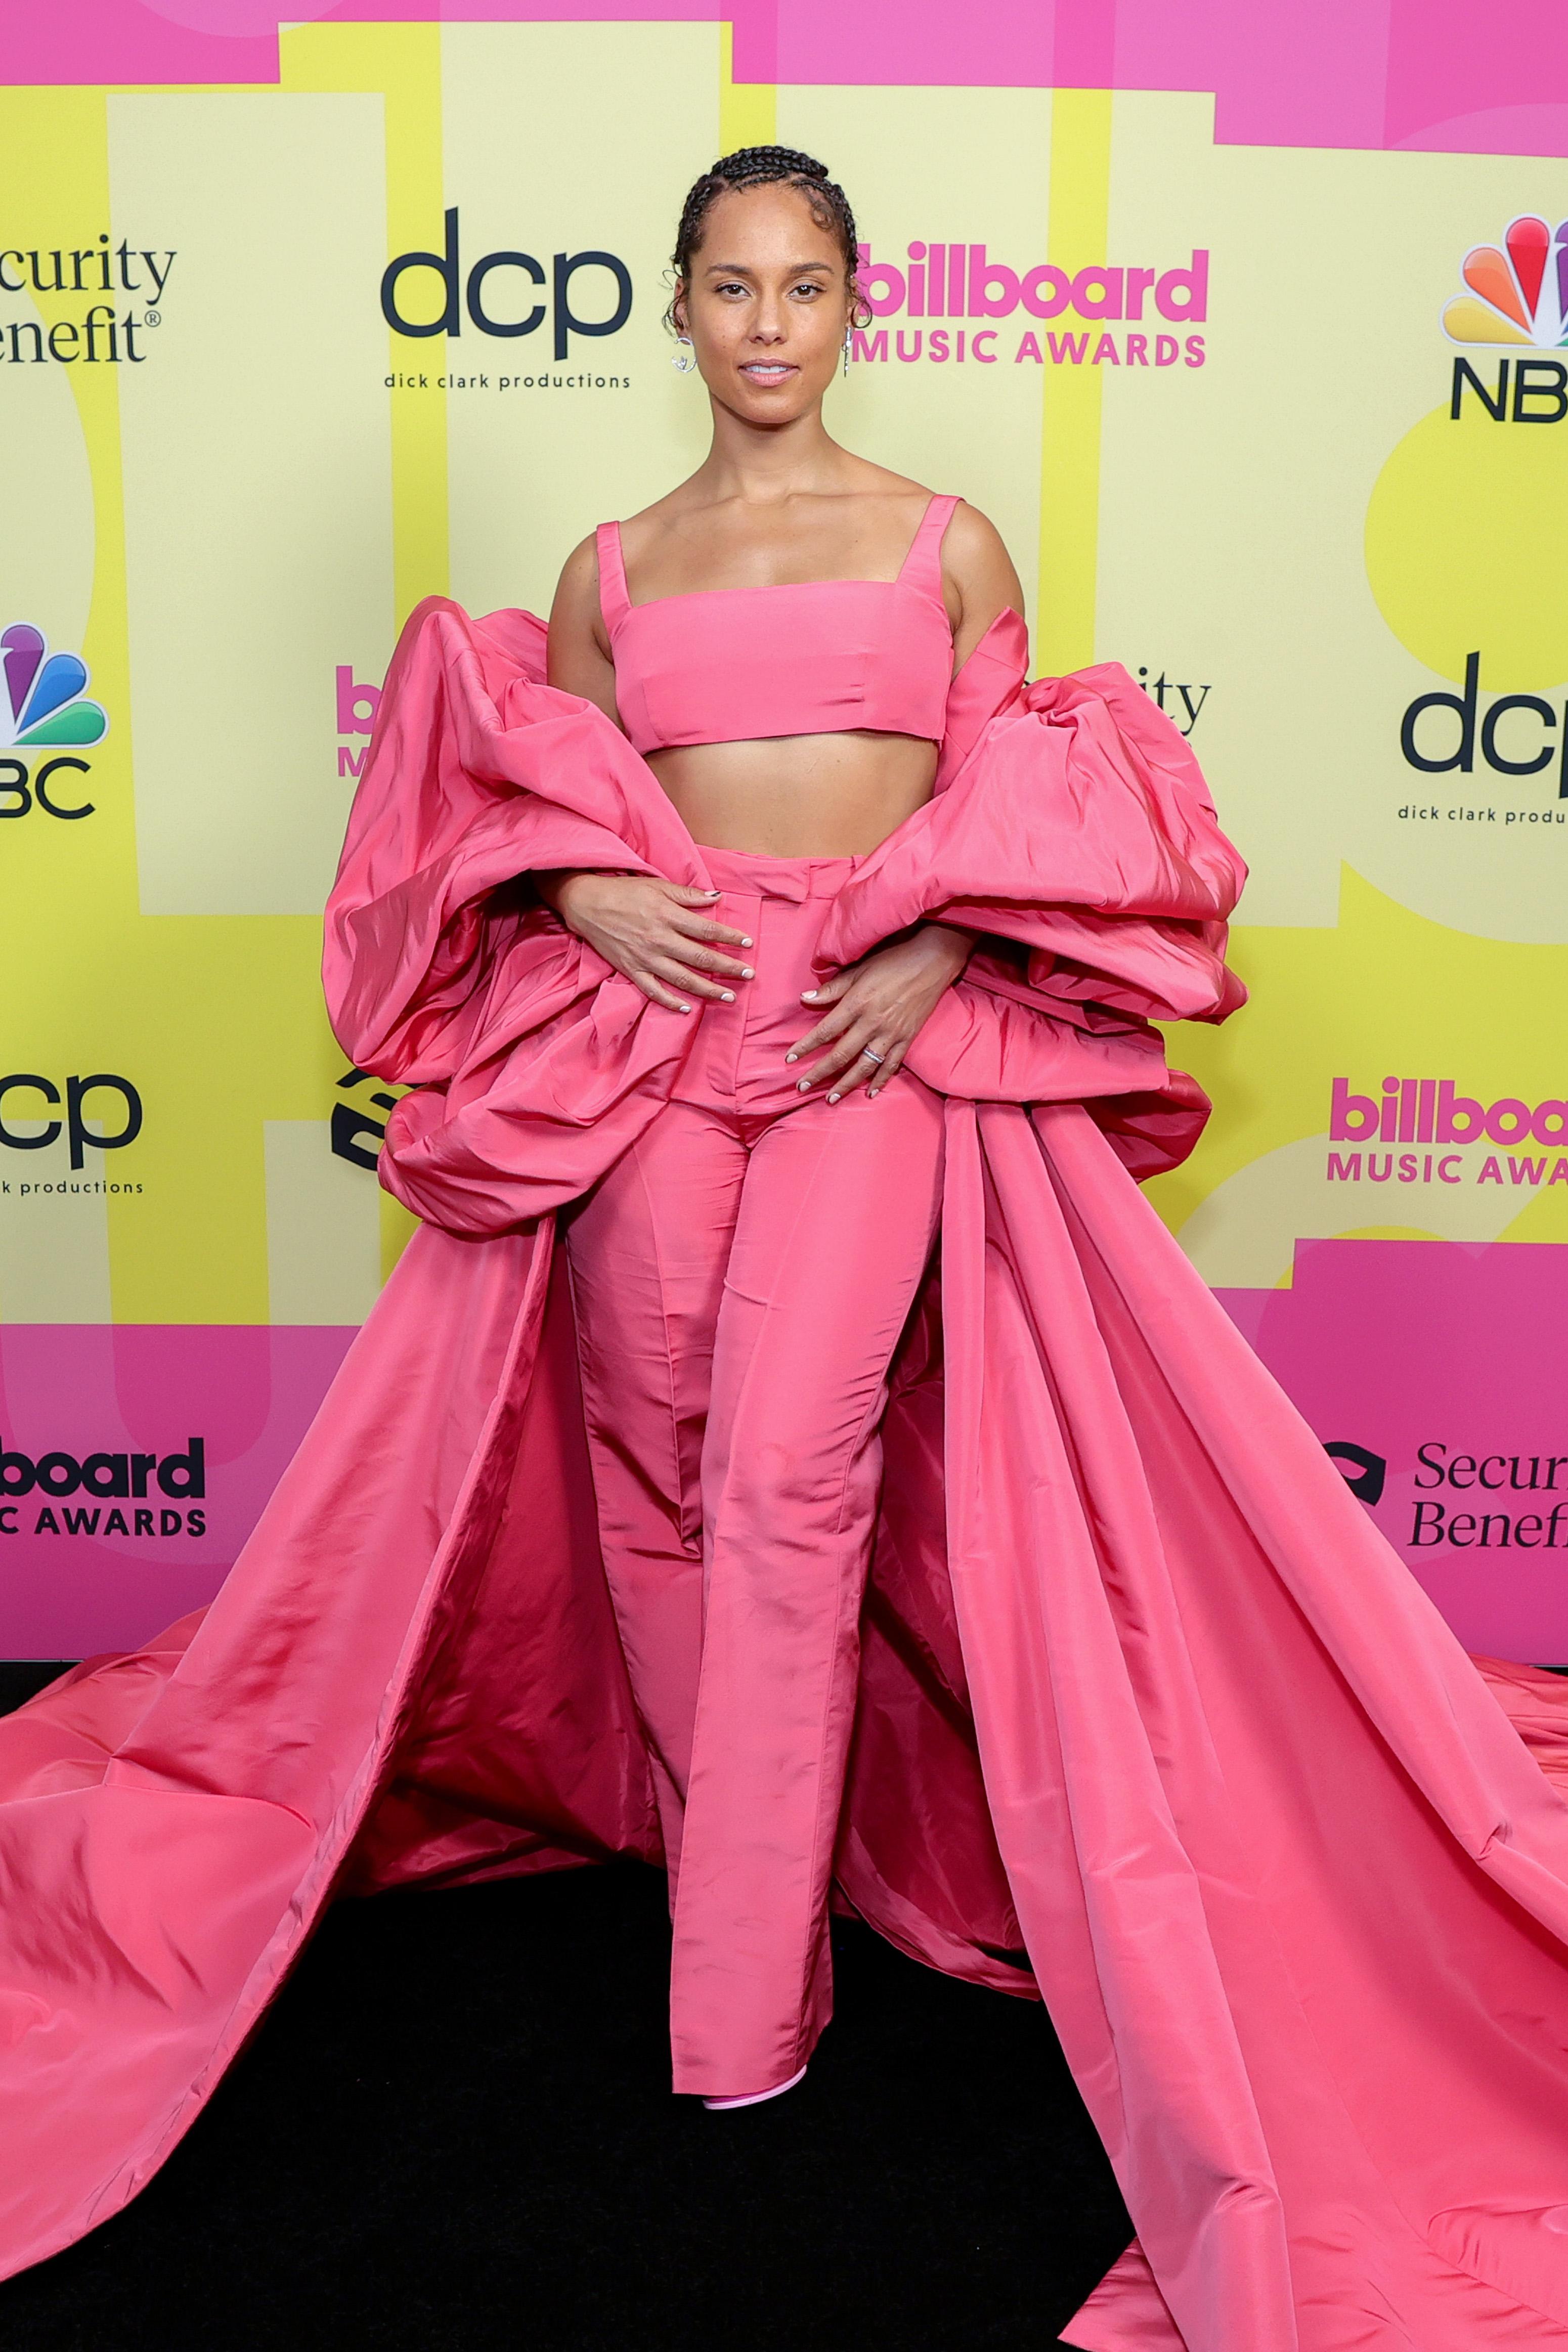 Alicia Keys no Billboard Music Awards 2021. Ela está usando um look todo rosa com top cropped, calça de alfaiataria e uma espécie de capa volumosa por cima.